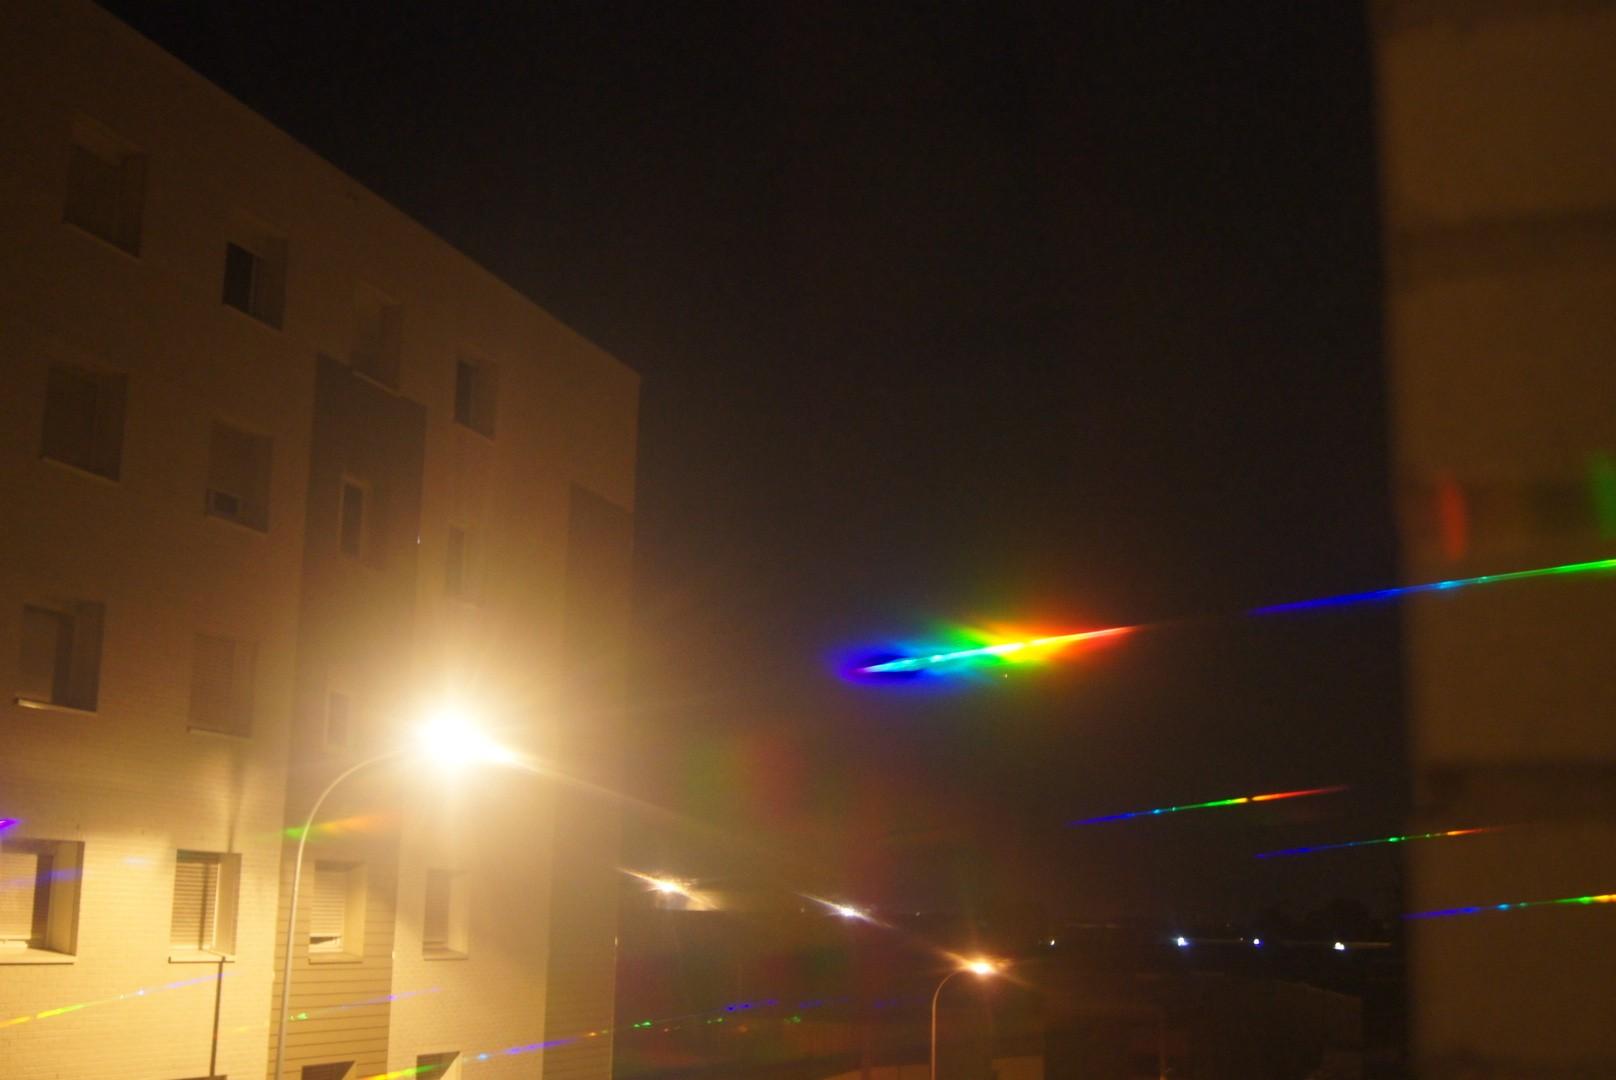 2012: le 01/09 à 21h40 - Lumière étrange dans le ciel  - dunkerque (59)  Dsc04911